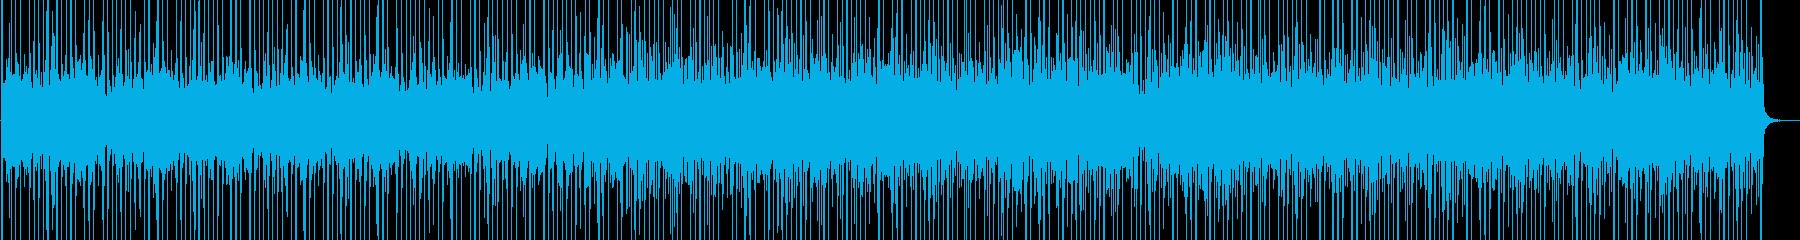 ジャングルにいるようなアフリカン風楽曲の再生済みの波形